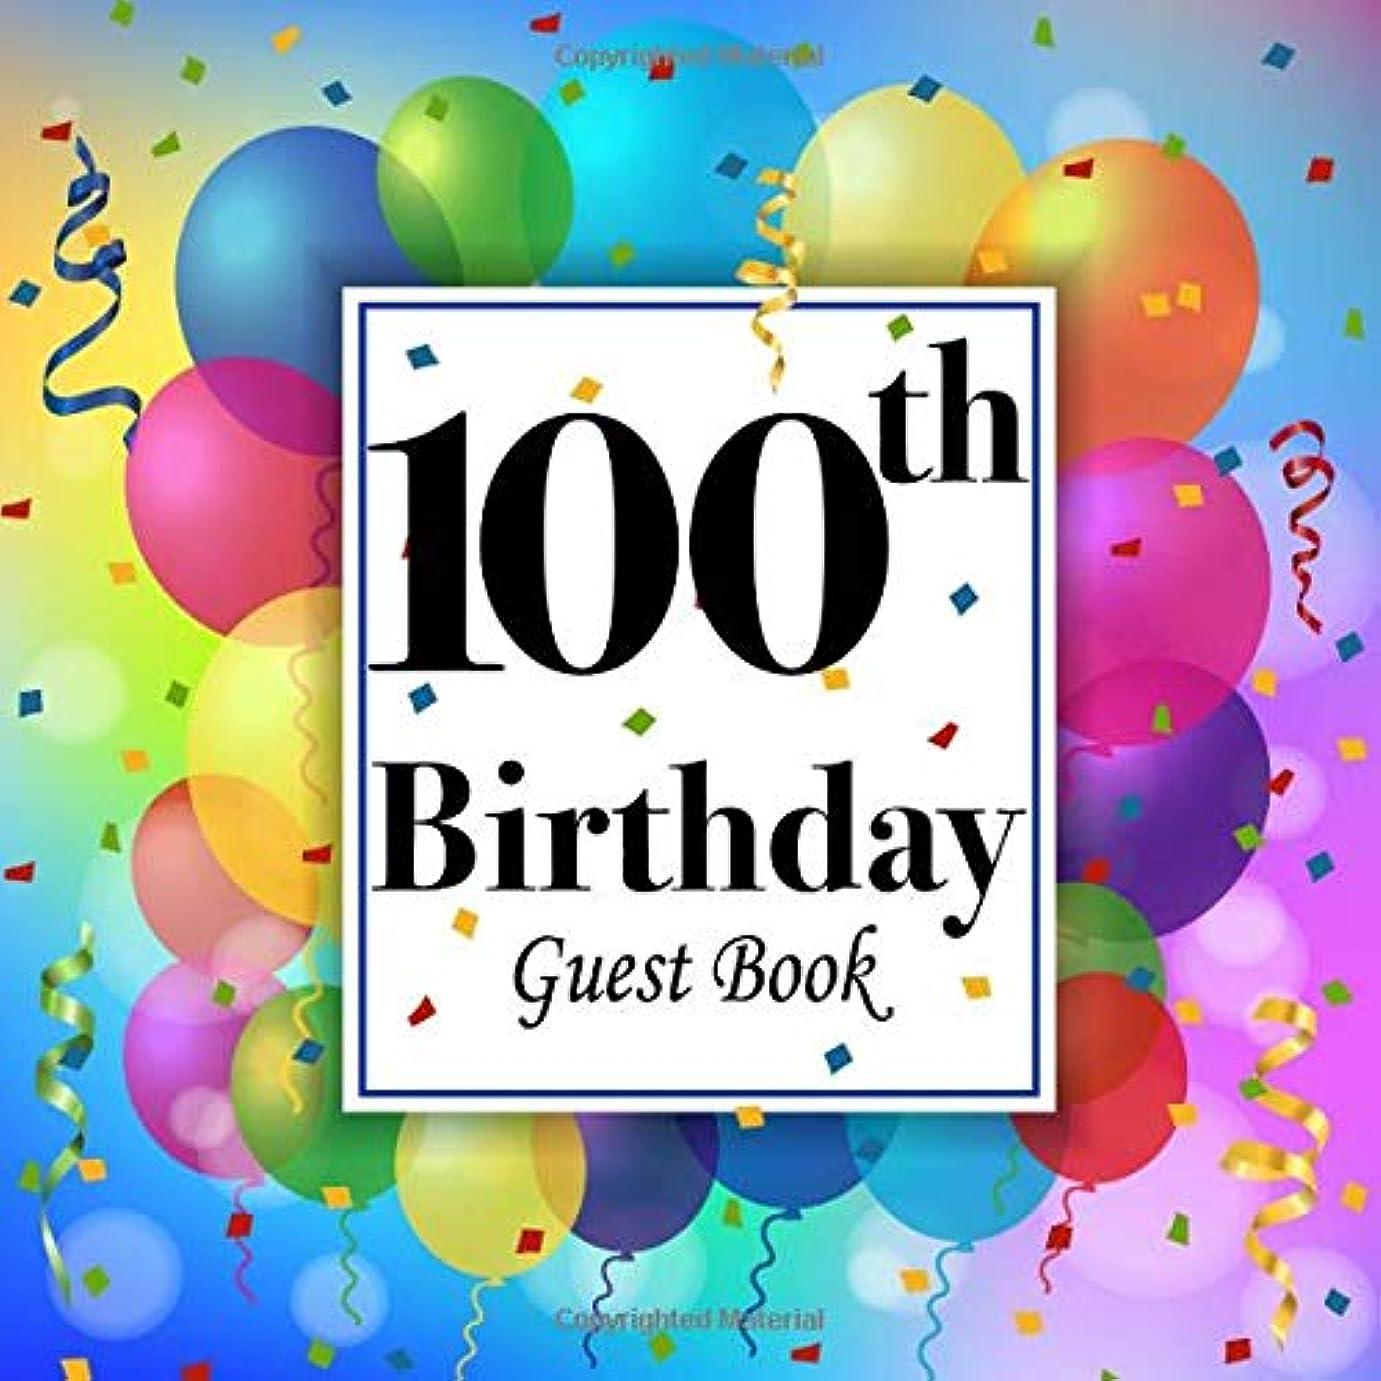 慈悲研磨剤レディ100th Birthday Guest Book: Party Celebration Keepsake Memory Book For Family & Friends to write best wishes, messages, sign in, guest